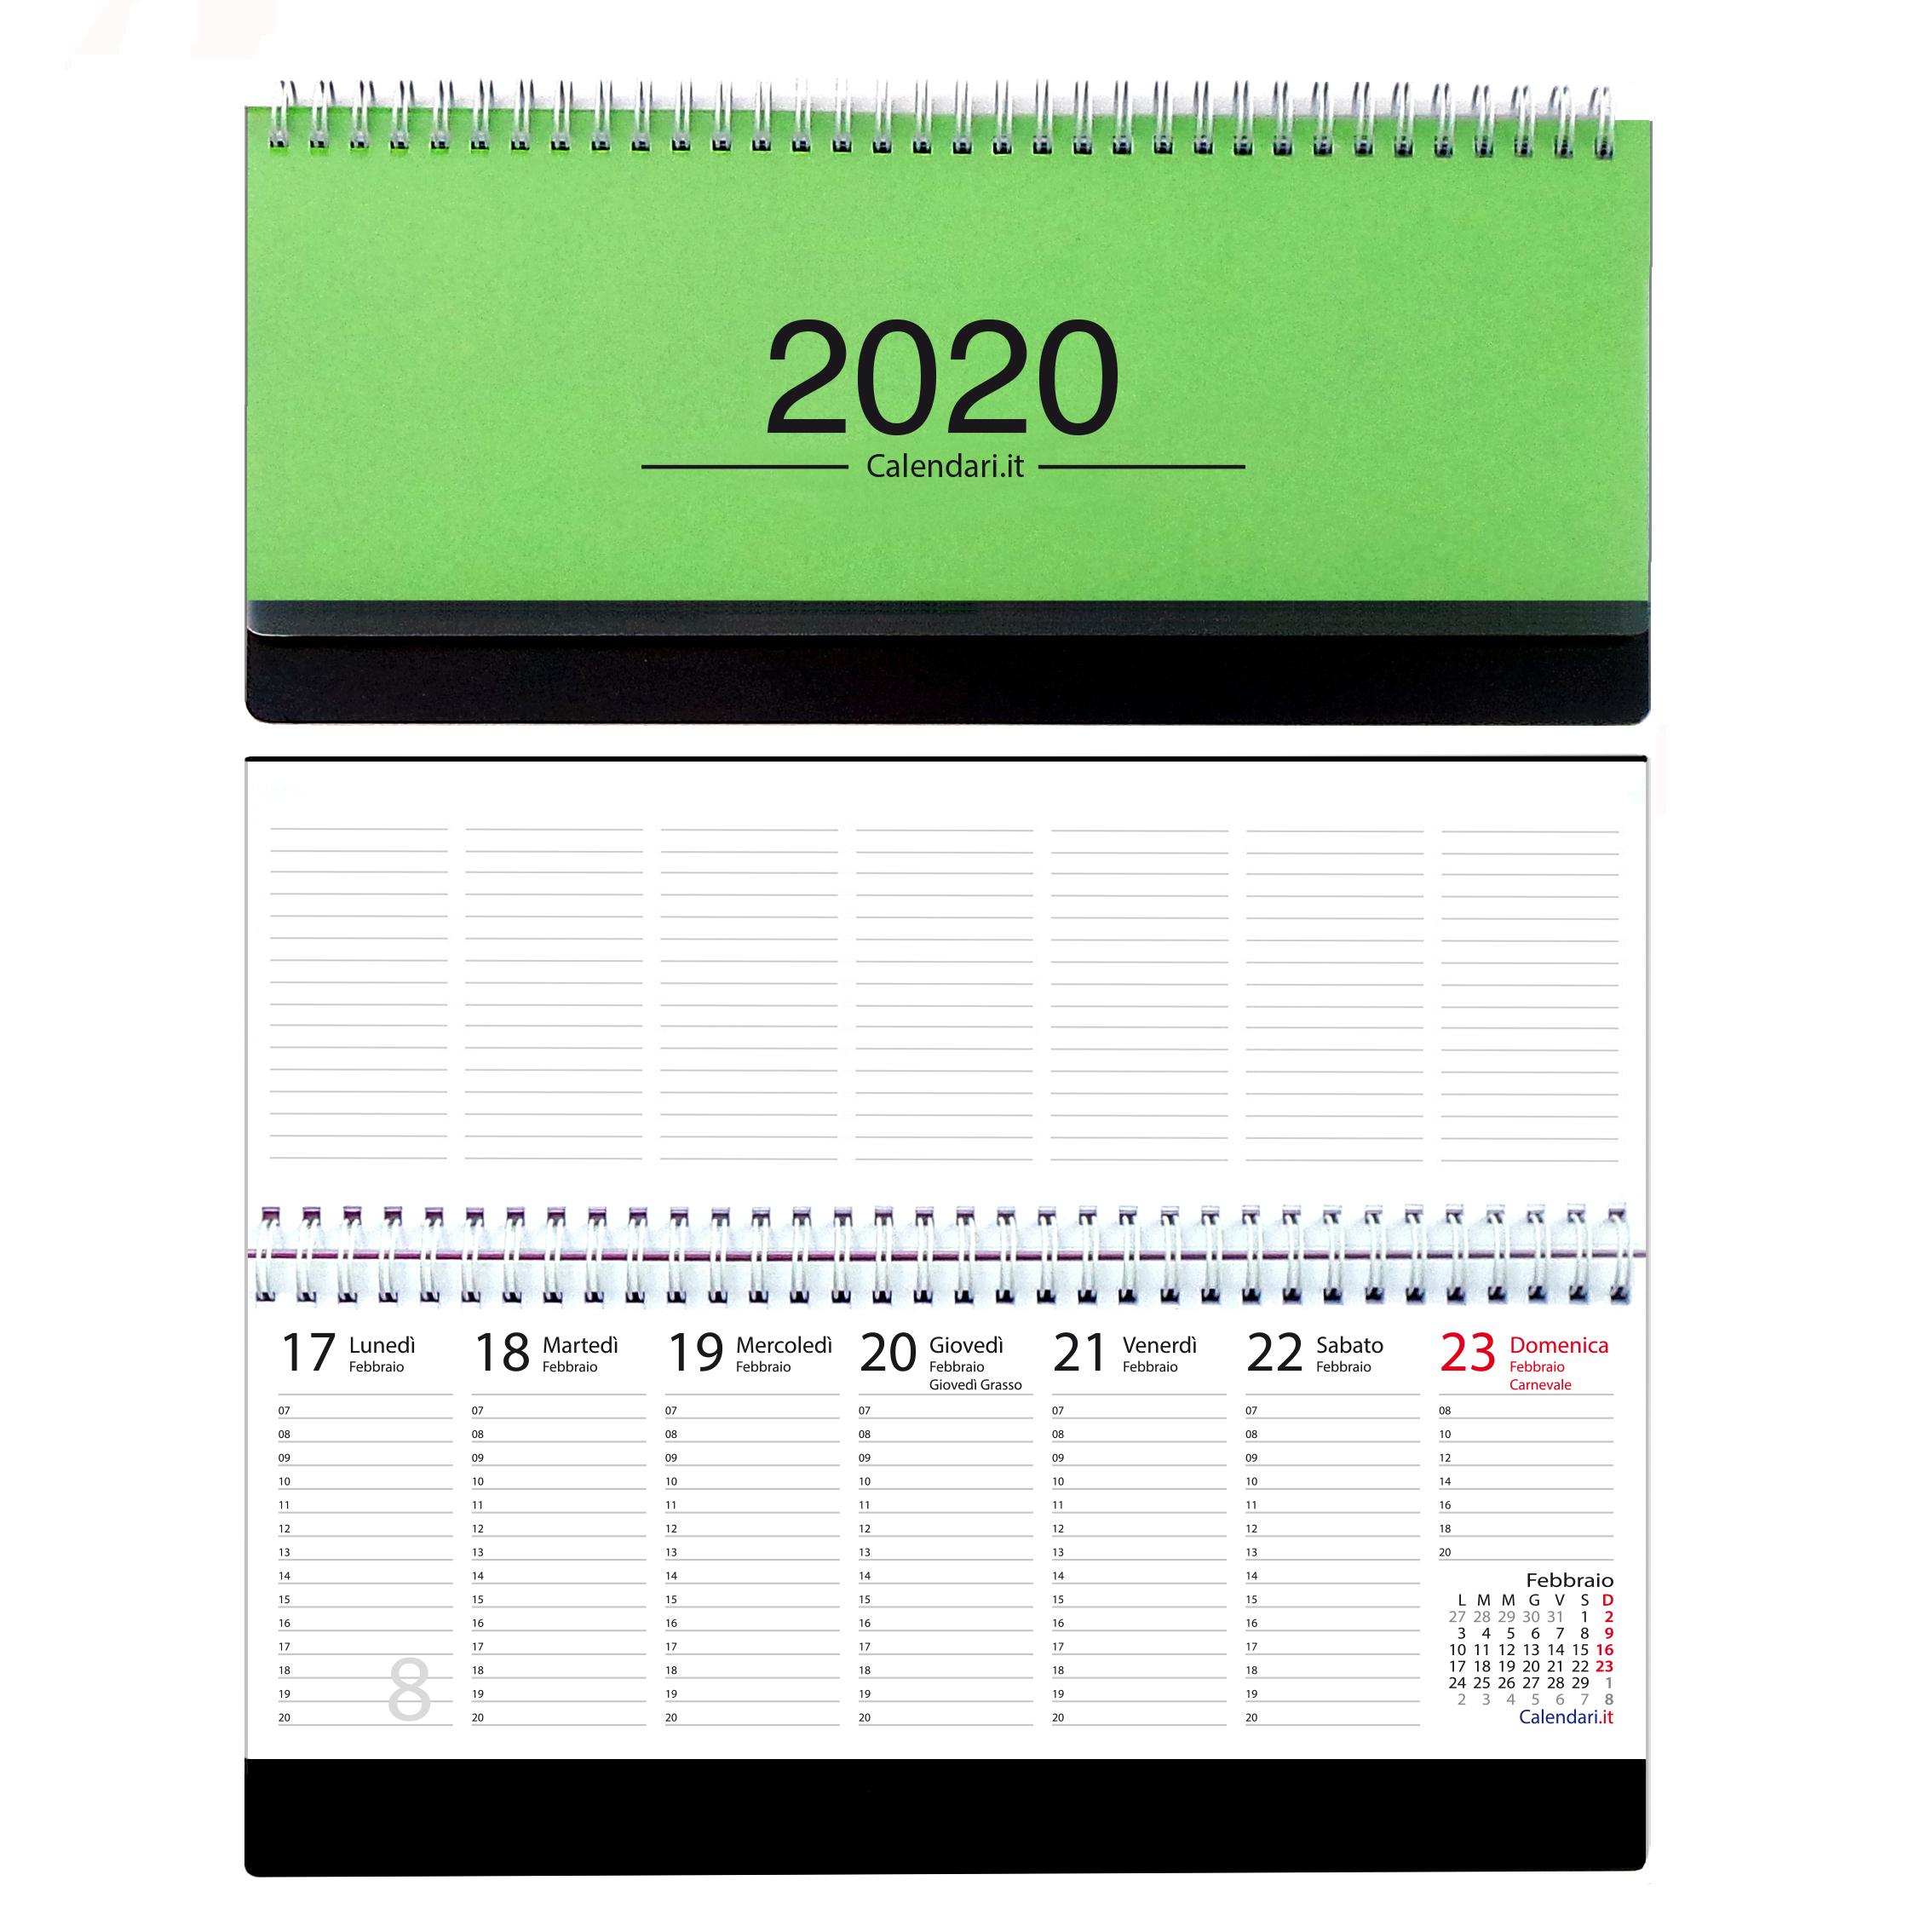 Calendario 2020 Con Le Settimane.Agenda 2020 Settimanale Planning Da Ufficio 30x13 Verde Chiaro